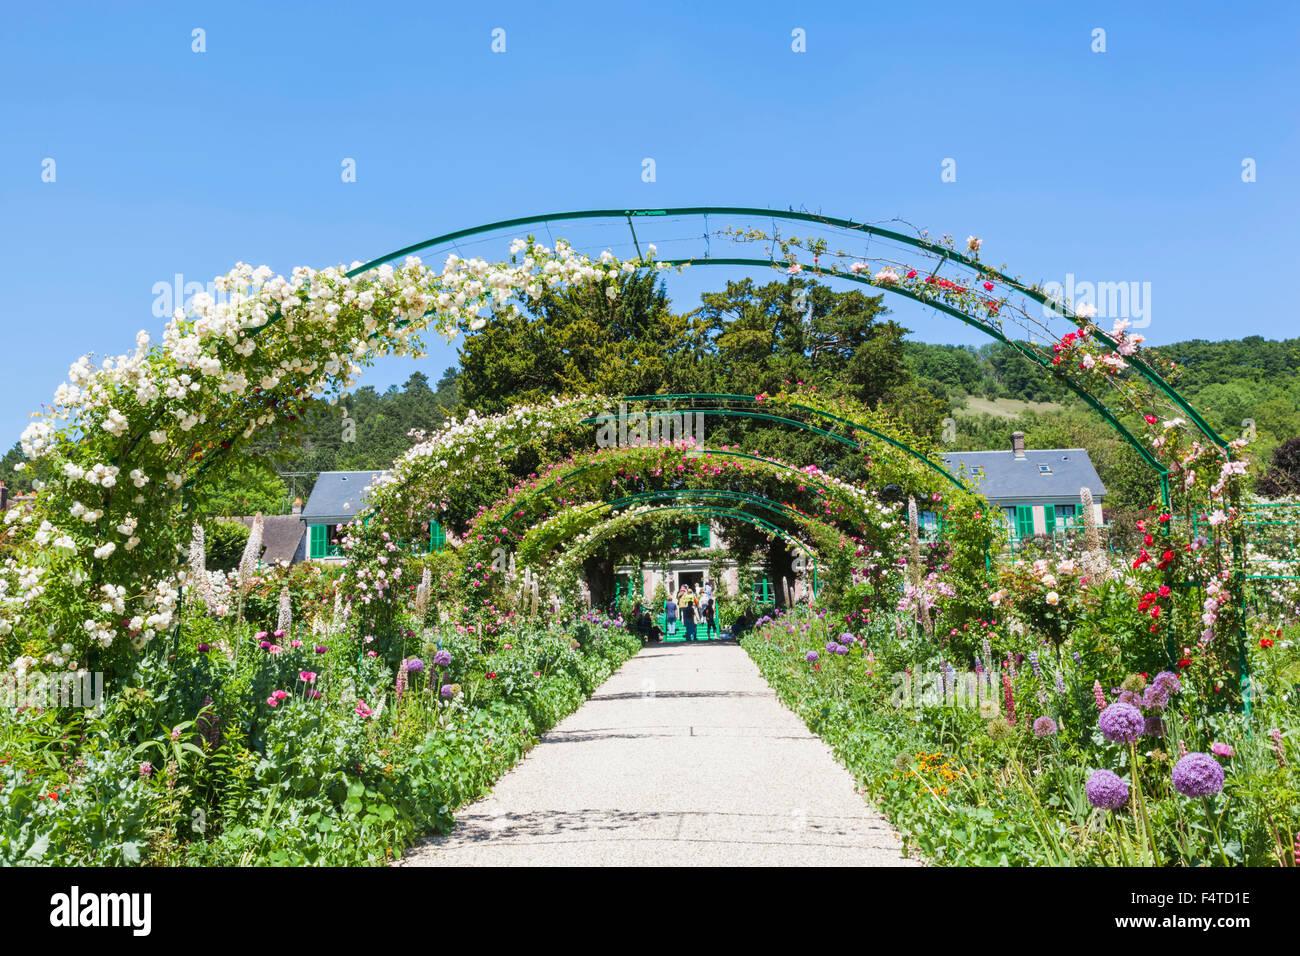 Frankreich, Normandie, Giverny, Monets Haus und Garten Stockbild